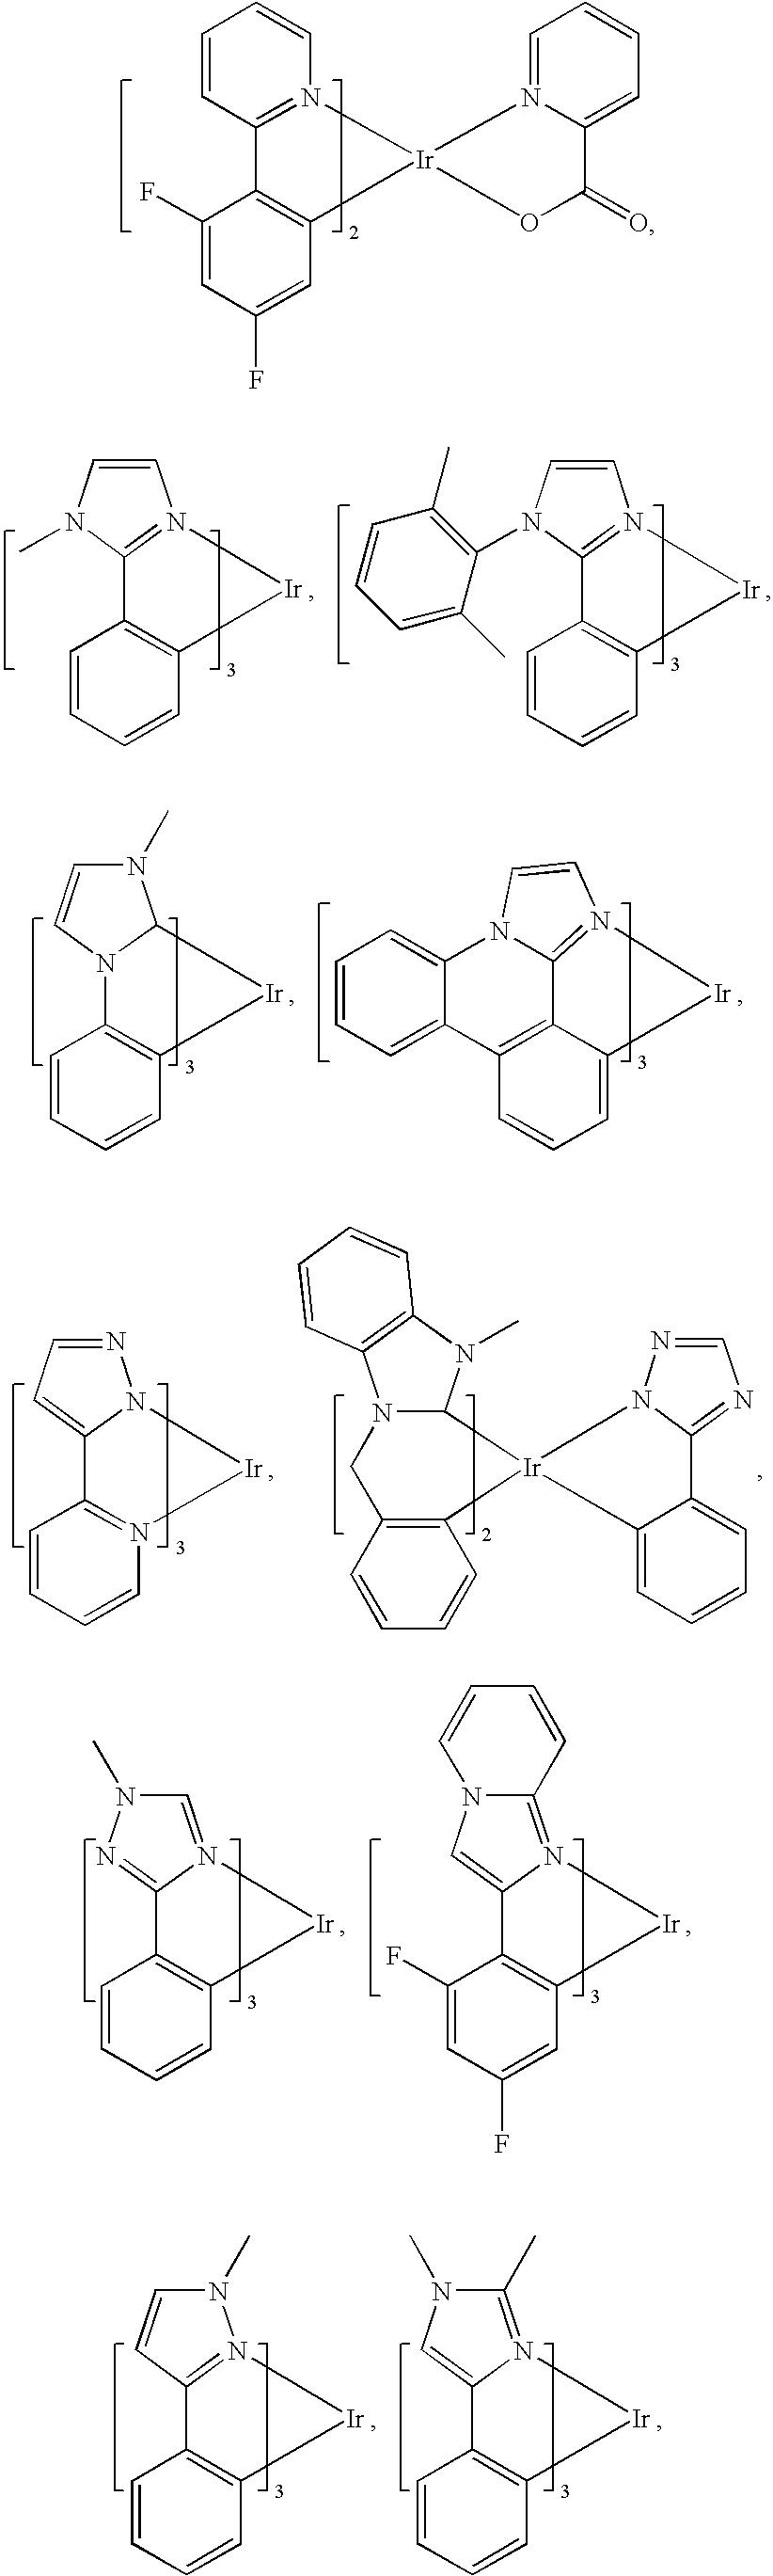 Figure US20100072887A1-20100325-C00226